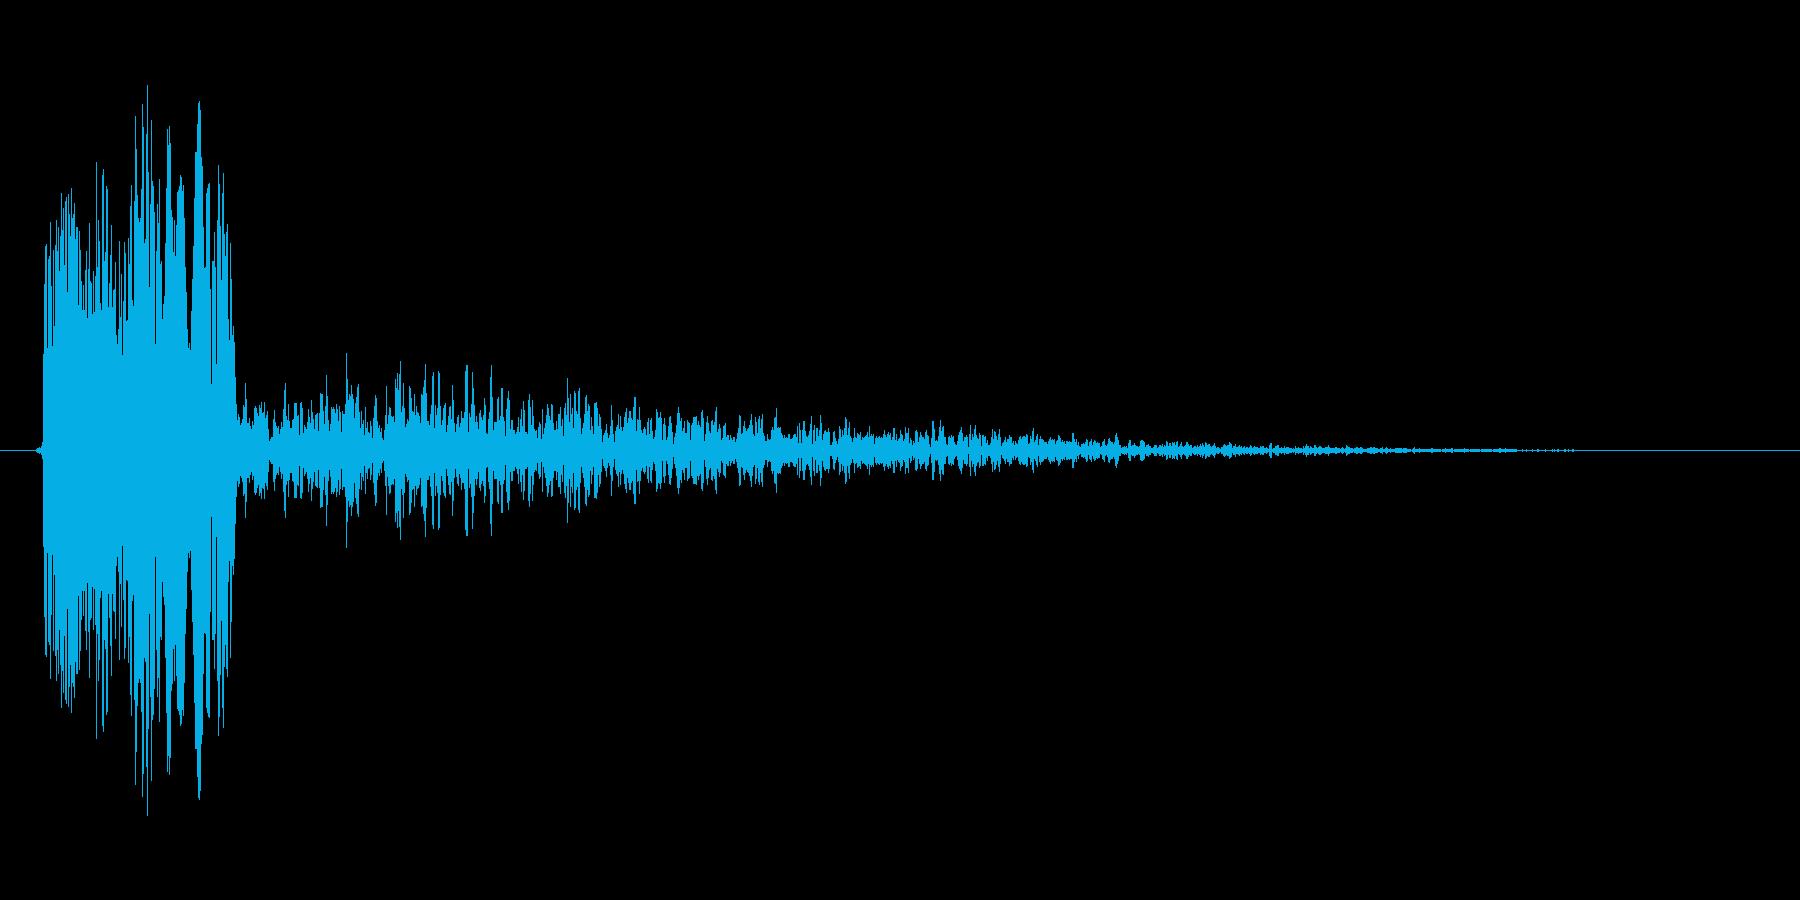 ピロッというシステム音の再生済みの波形